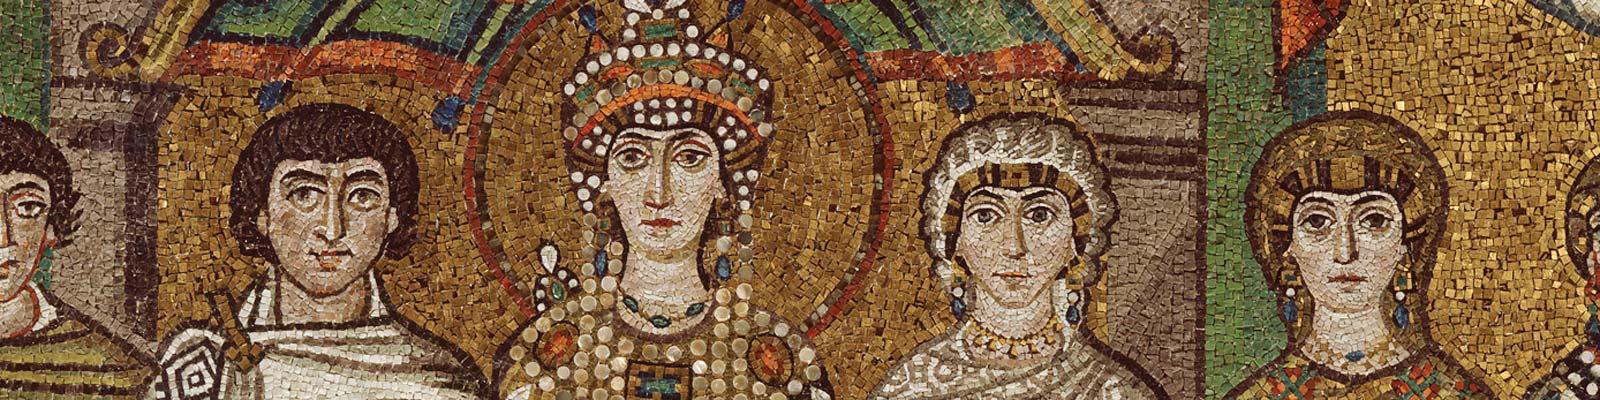 Princess Teodora - San Vitale - Ravenna